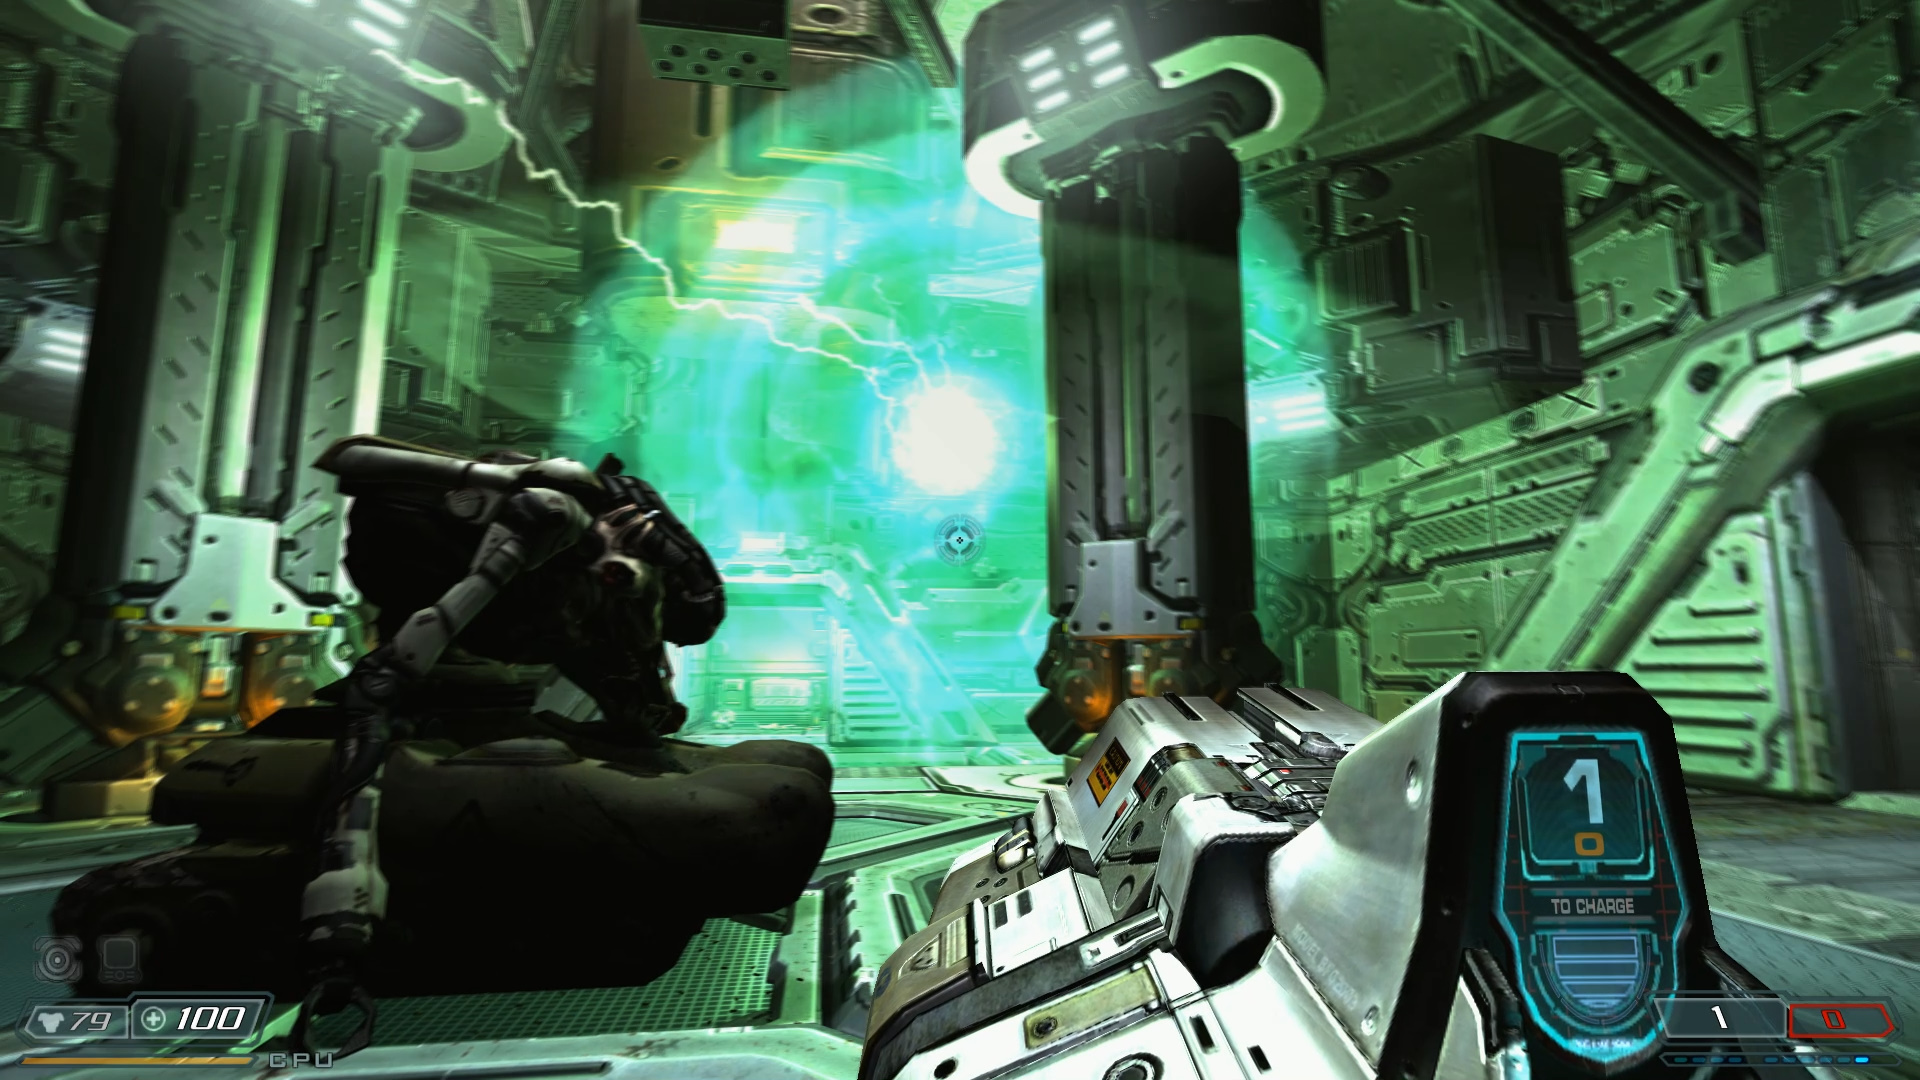 Immersive Hd Mod For Doom 3 Bfg Hi Def News Mod Db